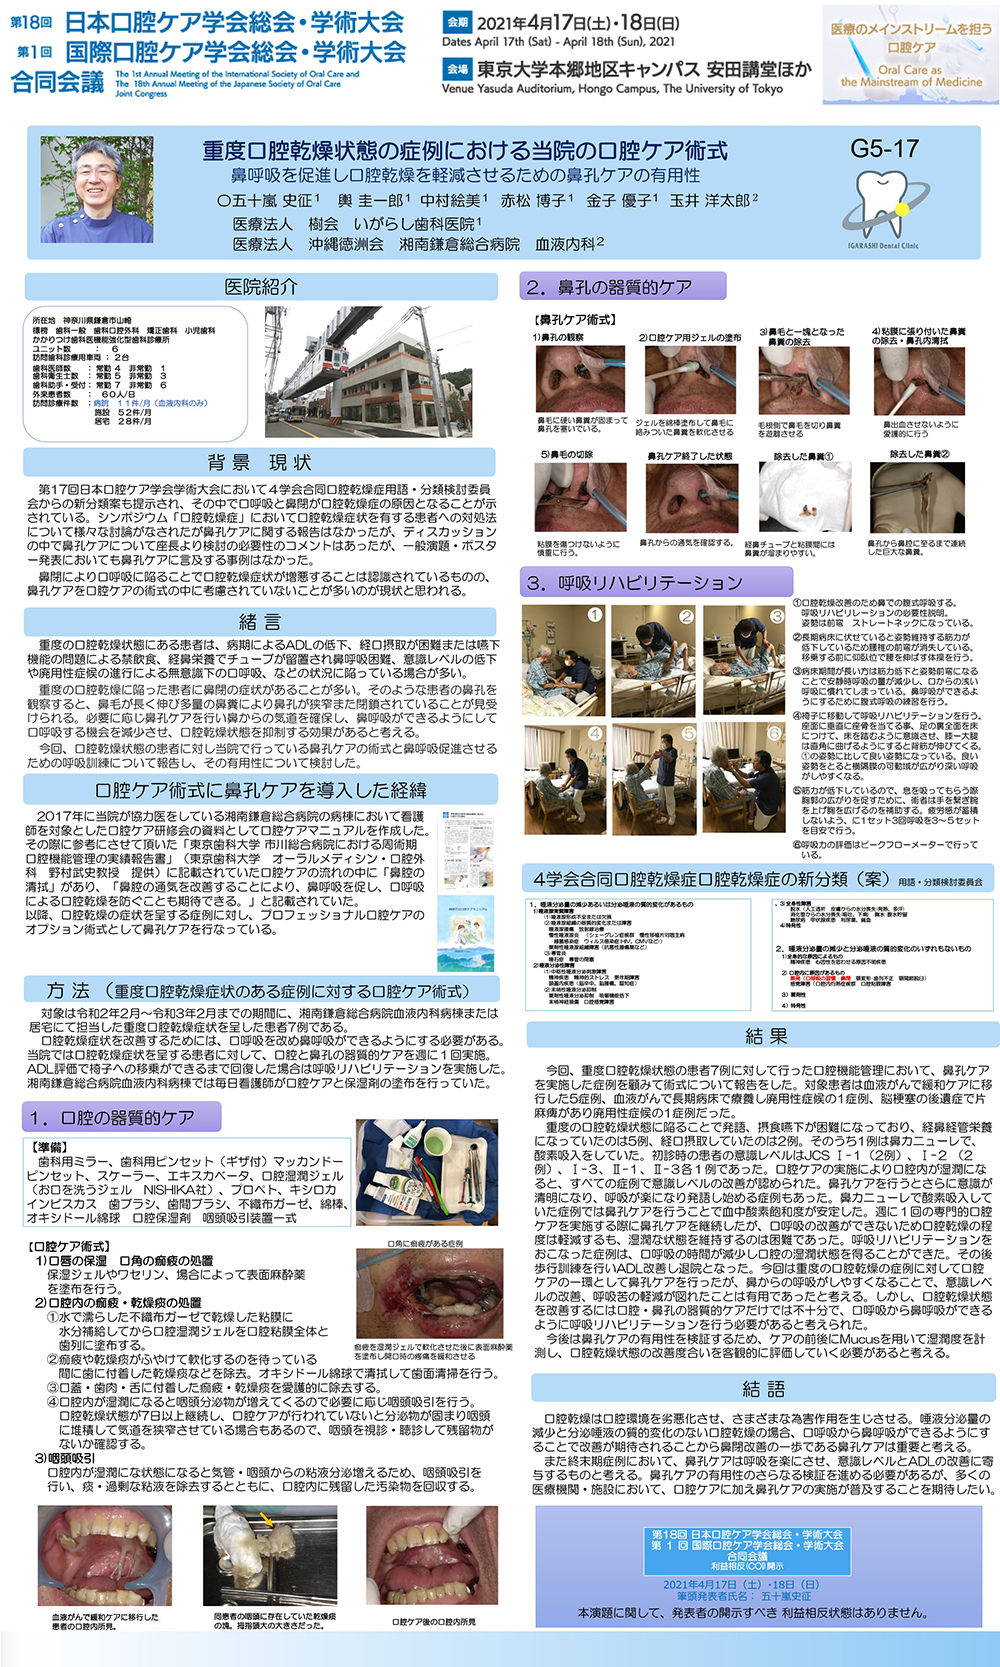 『重度口腔乾燥状態の症例における当院の口腔ケア術式』のポスター